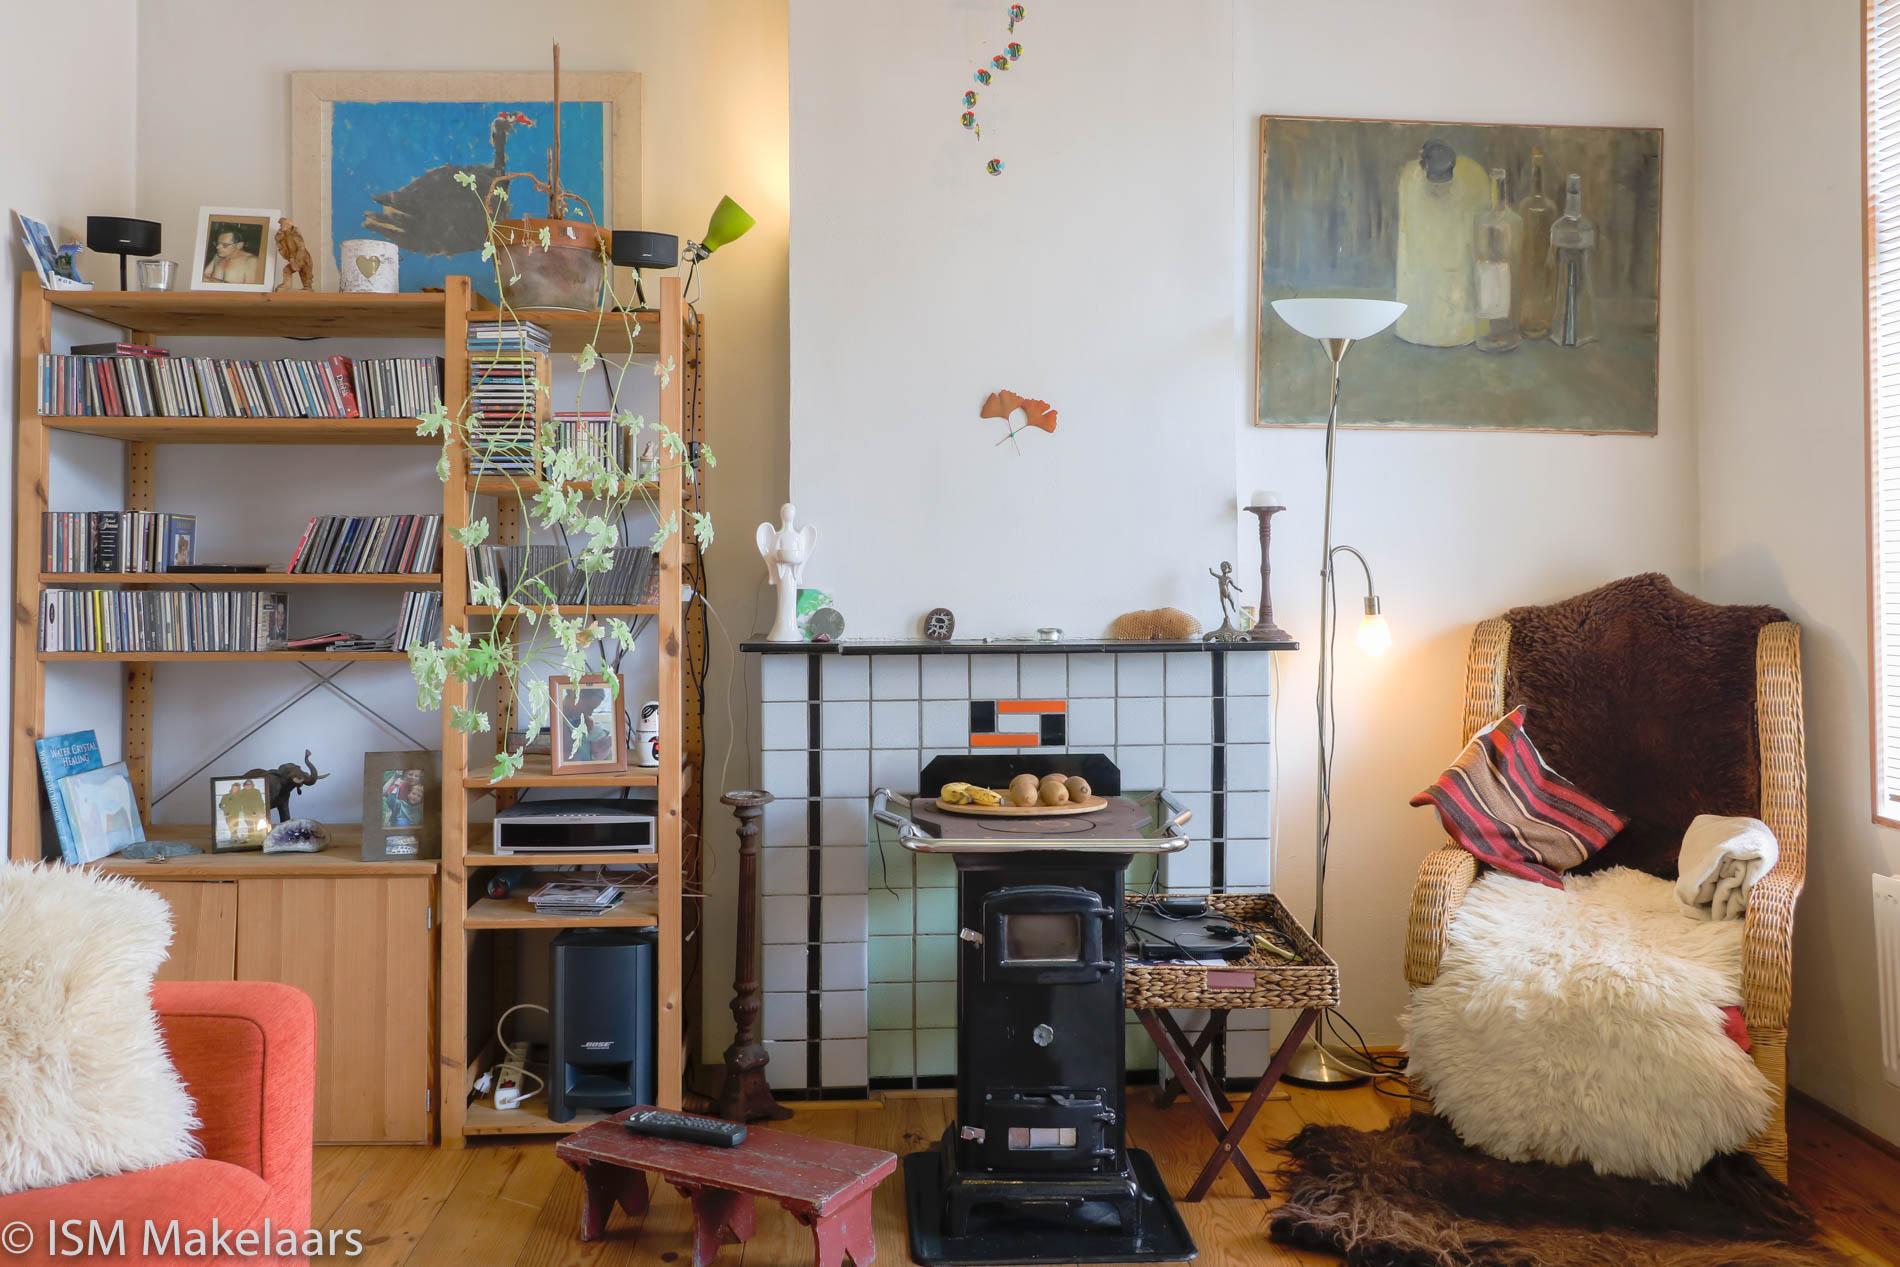 woonkamer middenstraat 13 kats ISM Makelaars